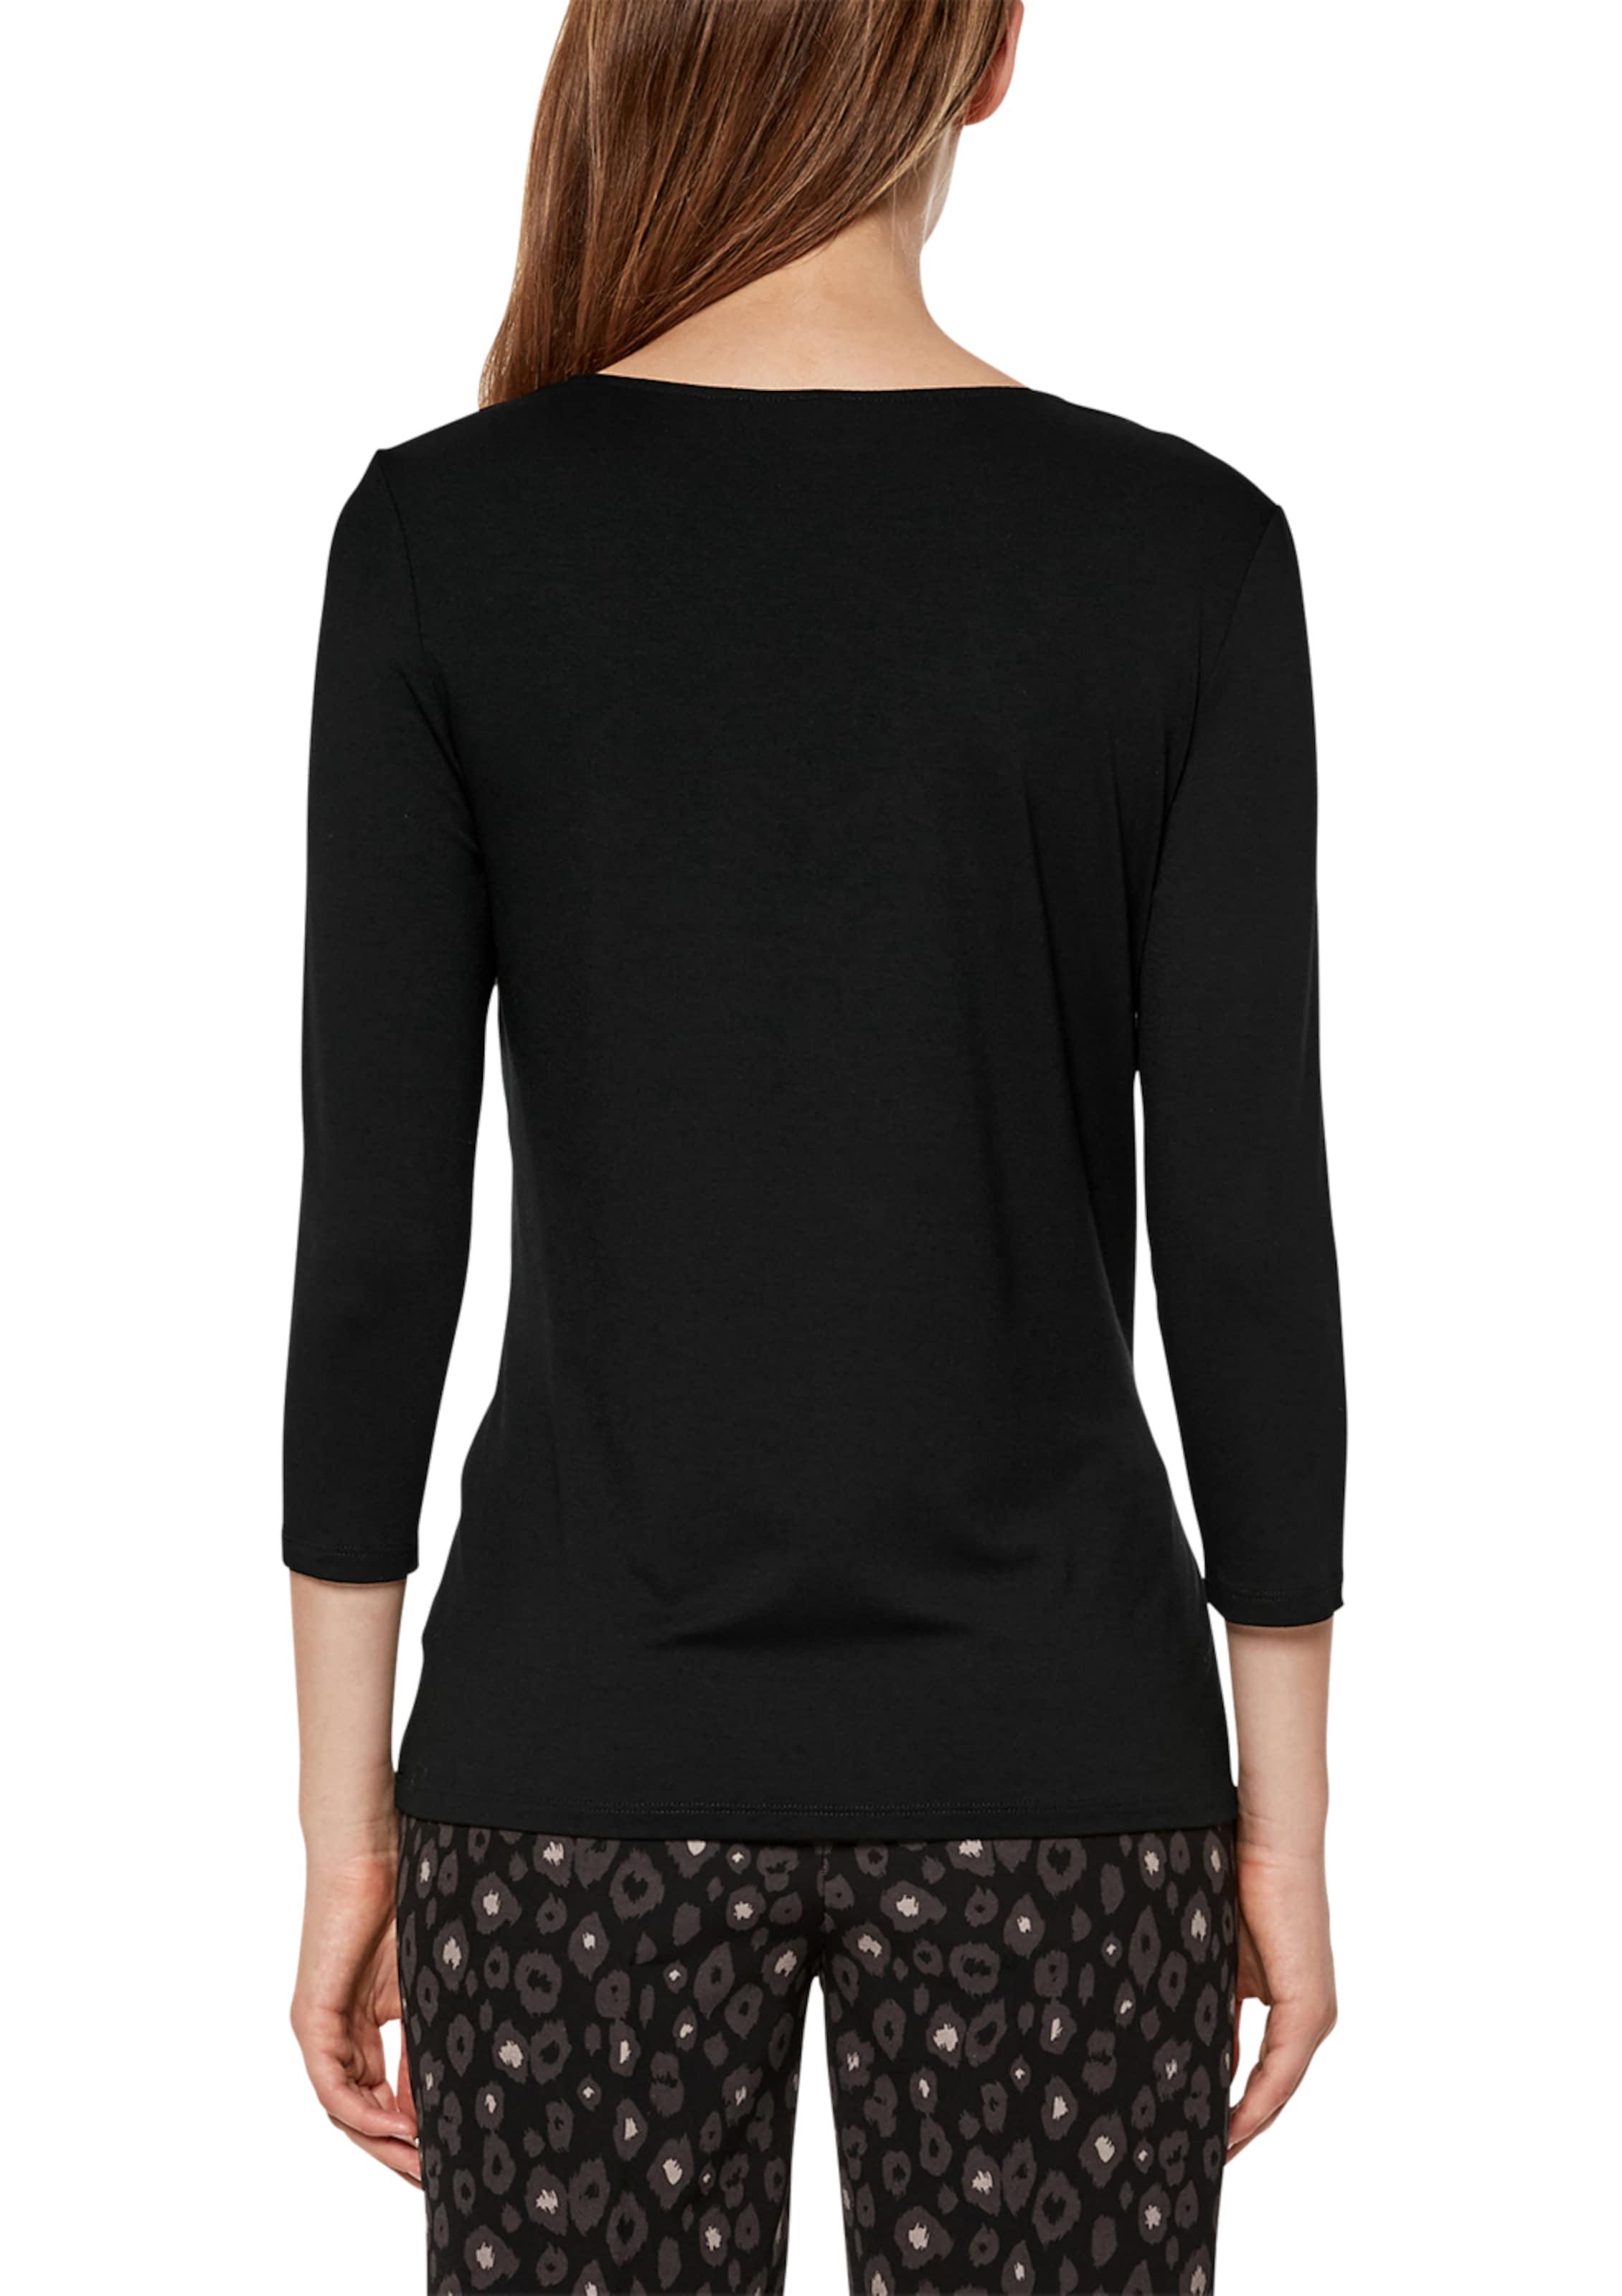 Schwarz Black S oliver Blusenshirt In Label 2IeYWH9ED